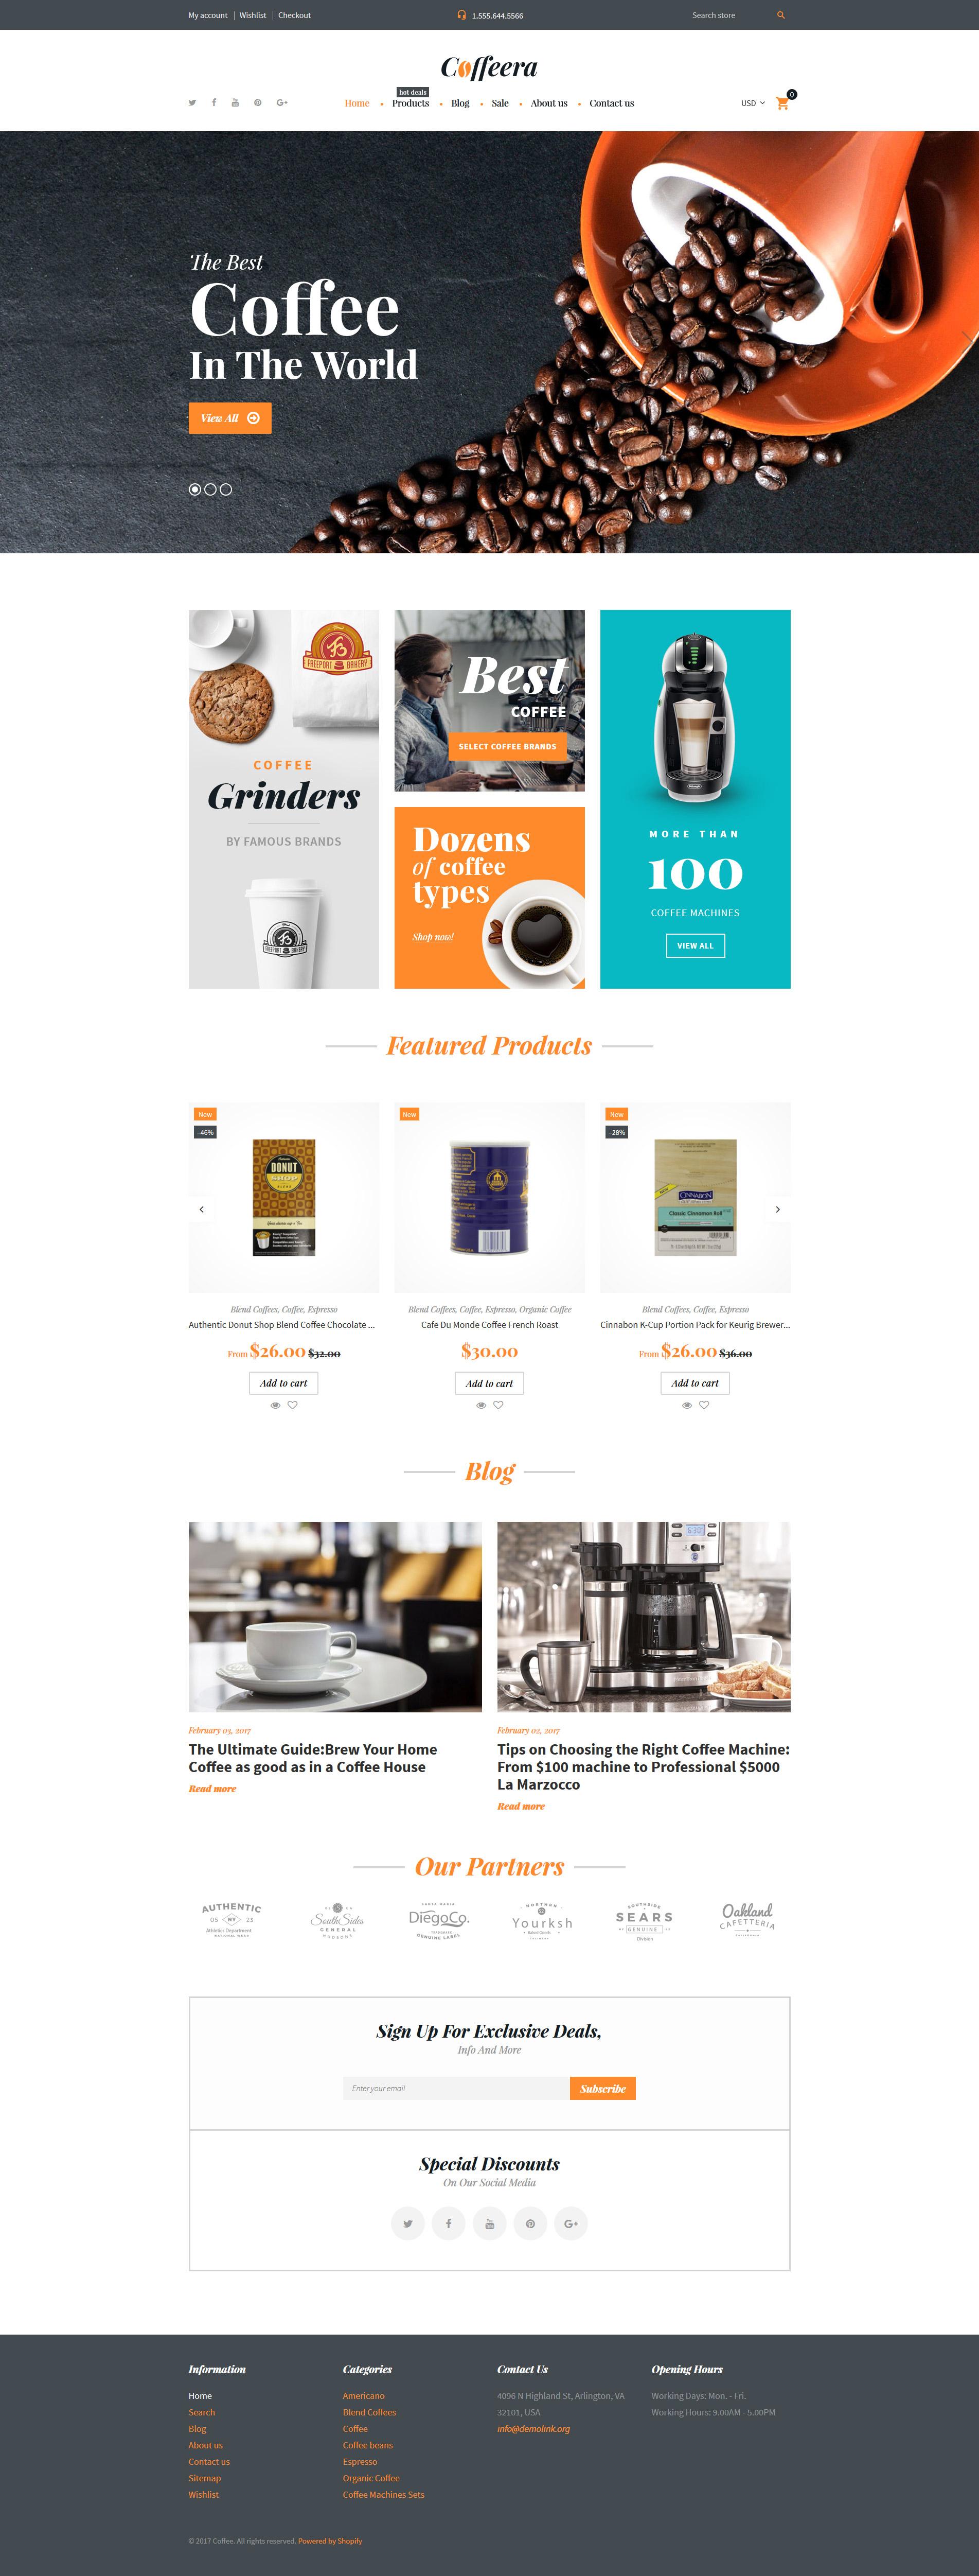 Modello Shopify Responsive #62324 per Un Sito di Caffetteria